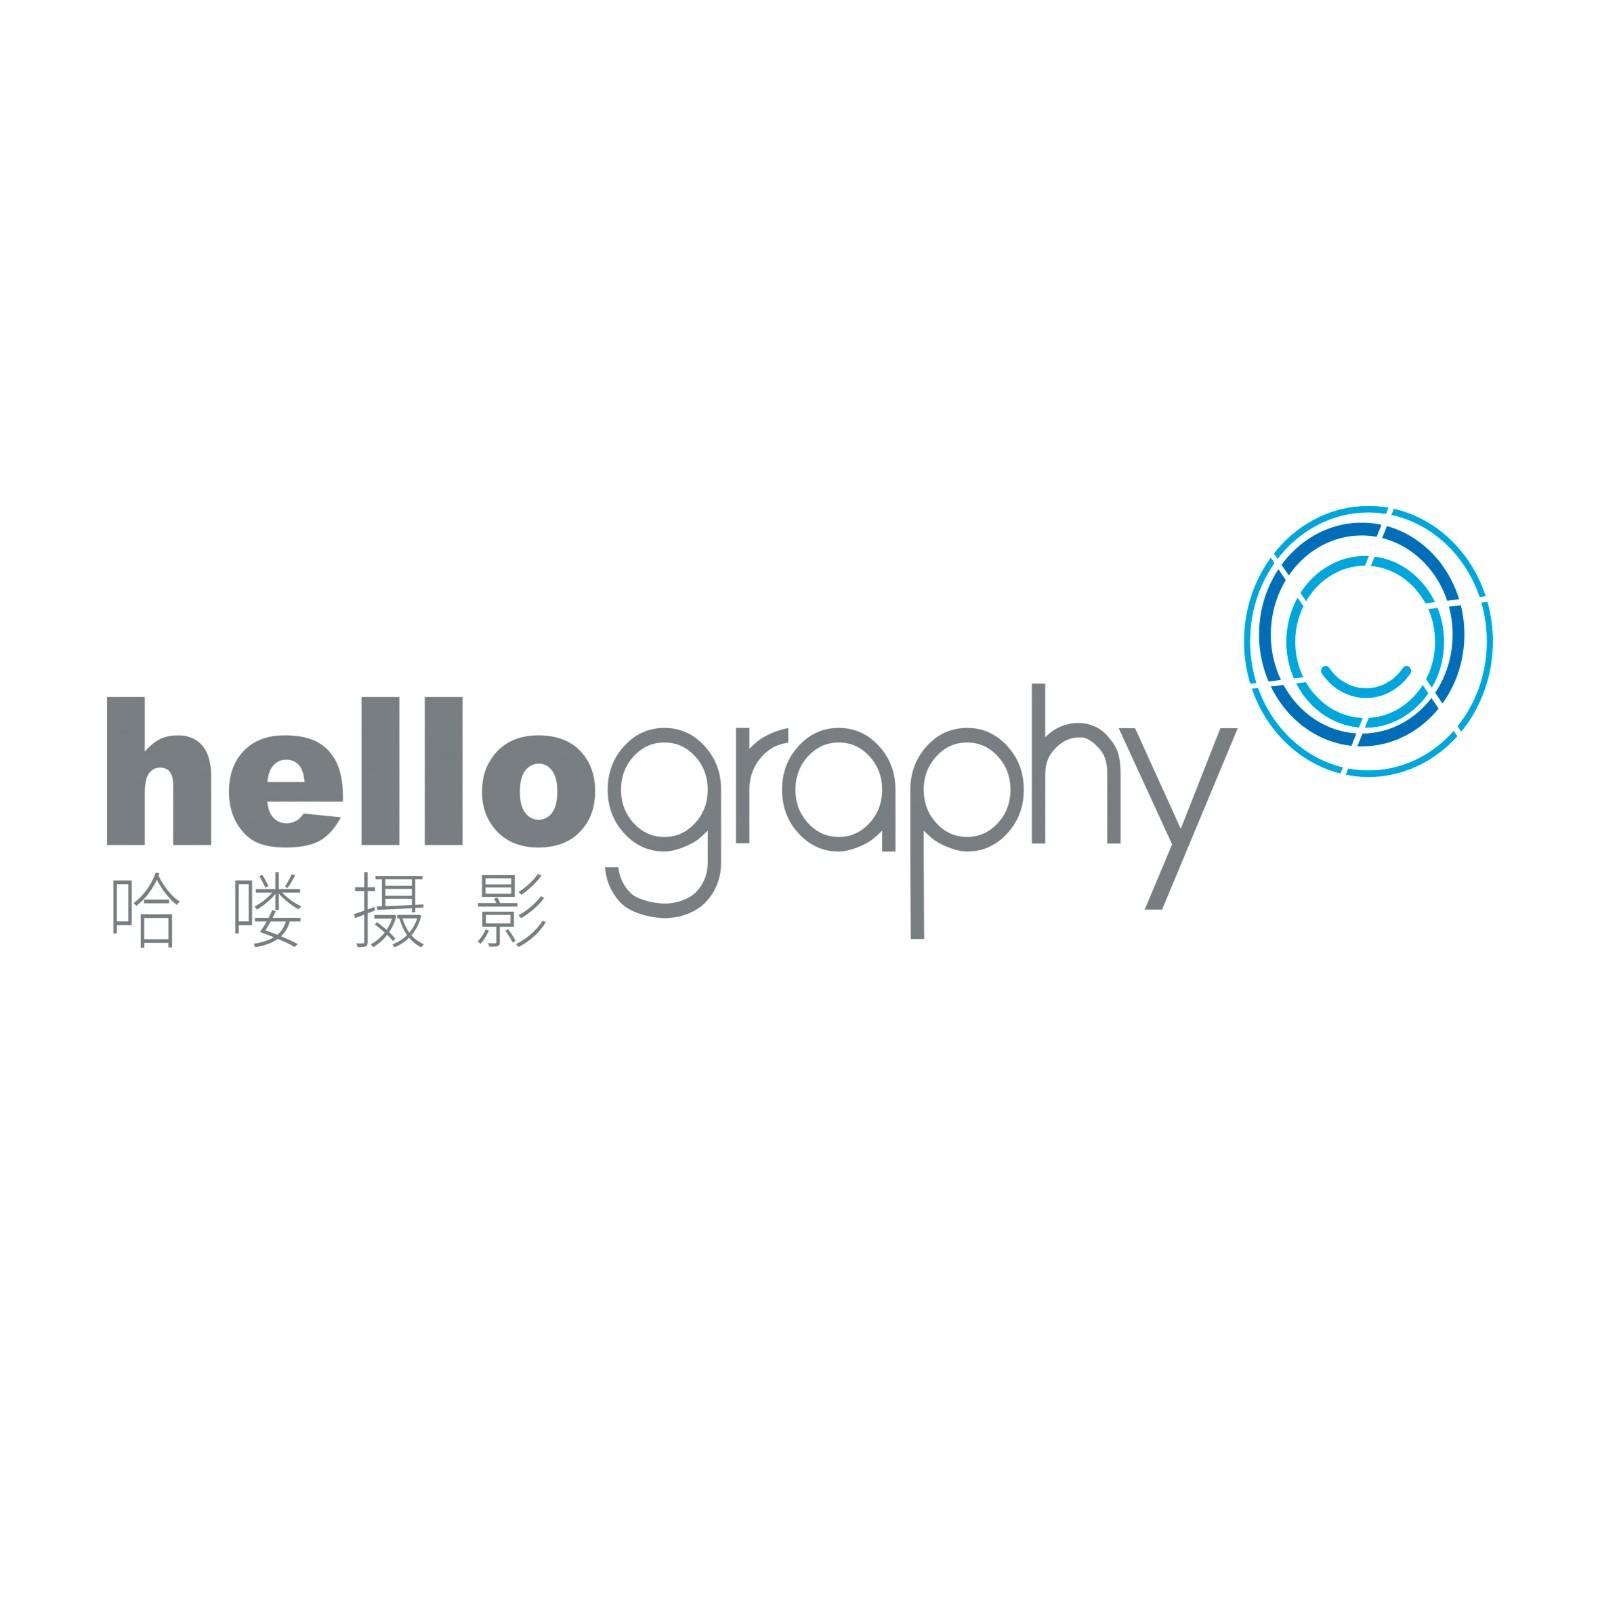 hellography哈喽摄影